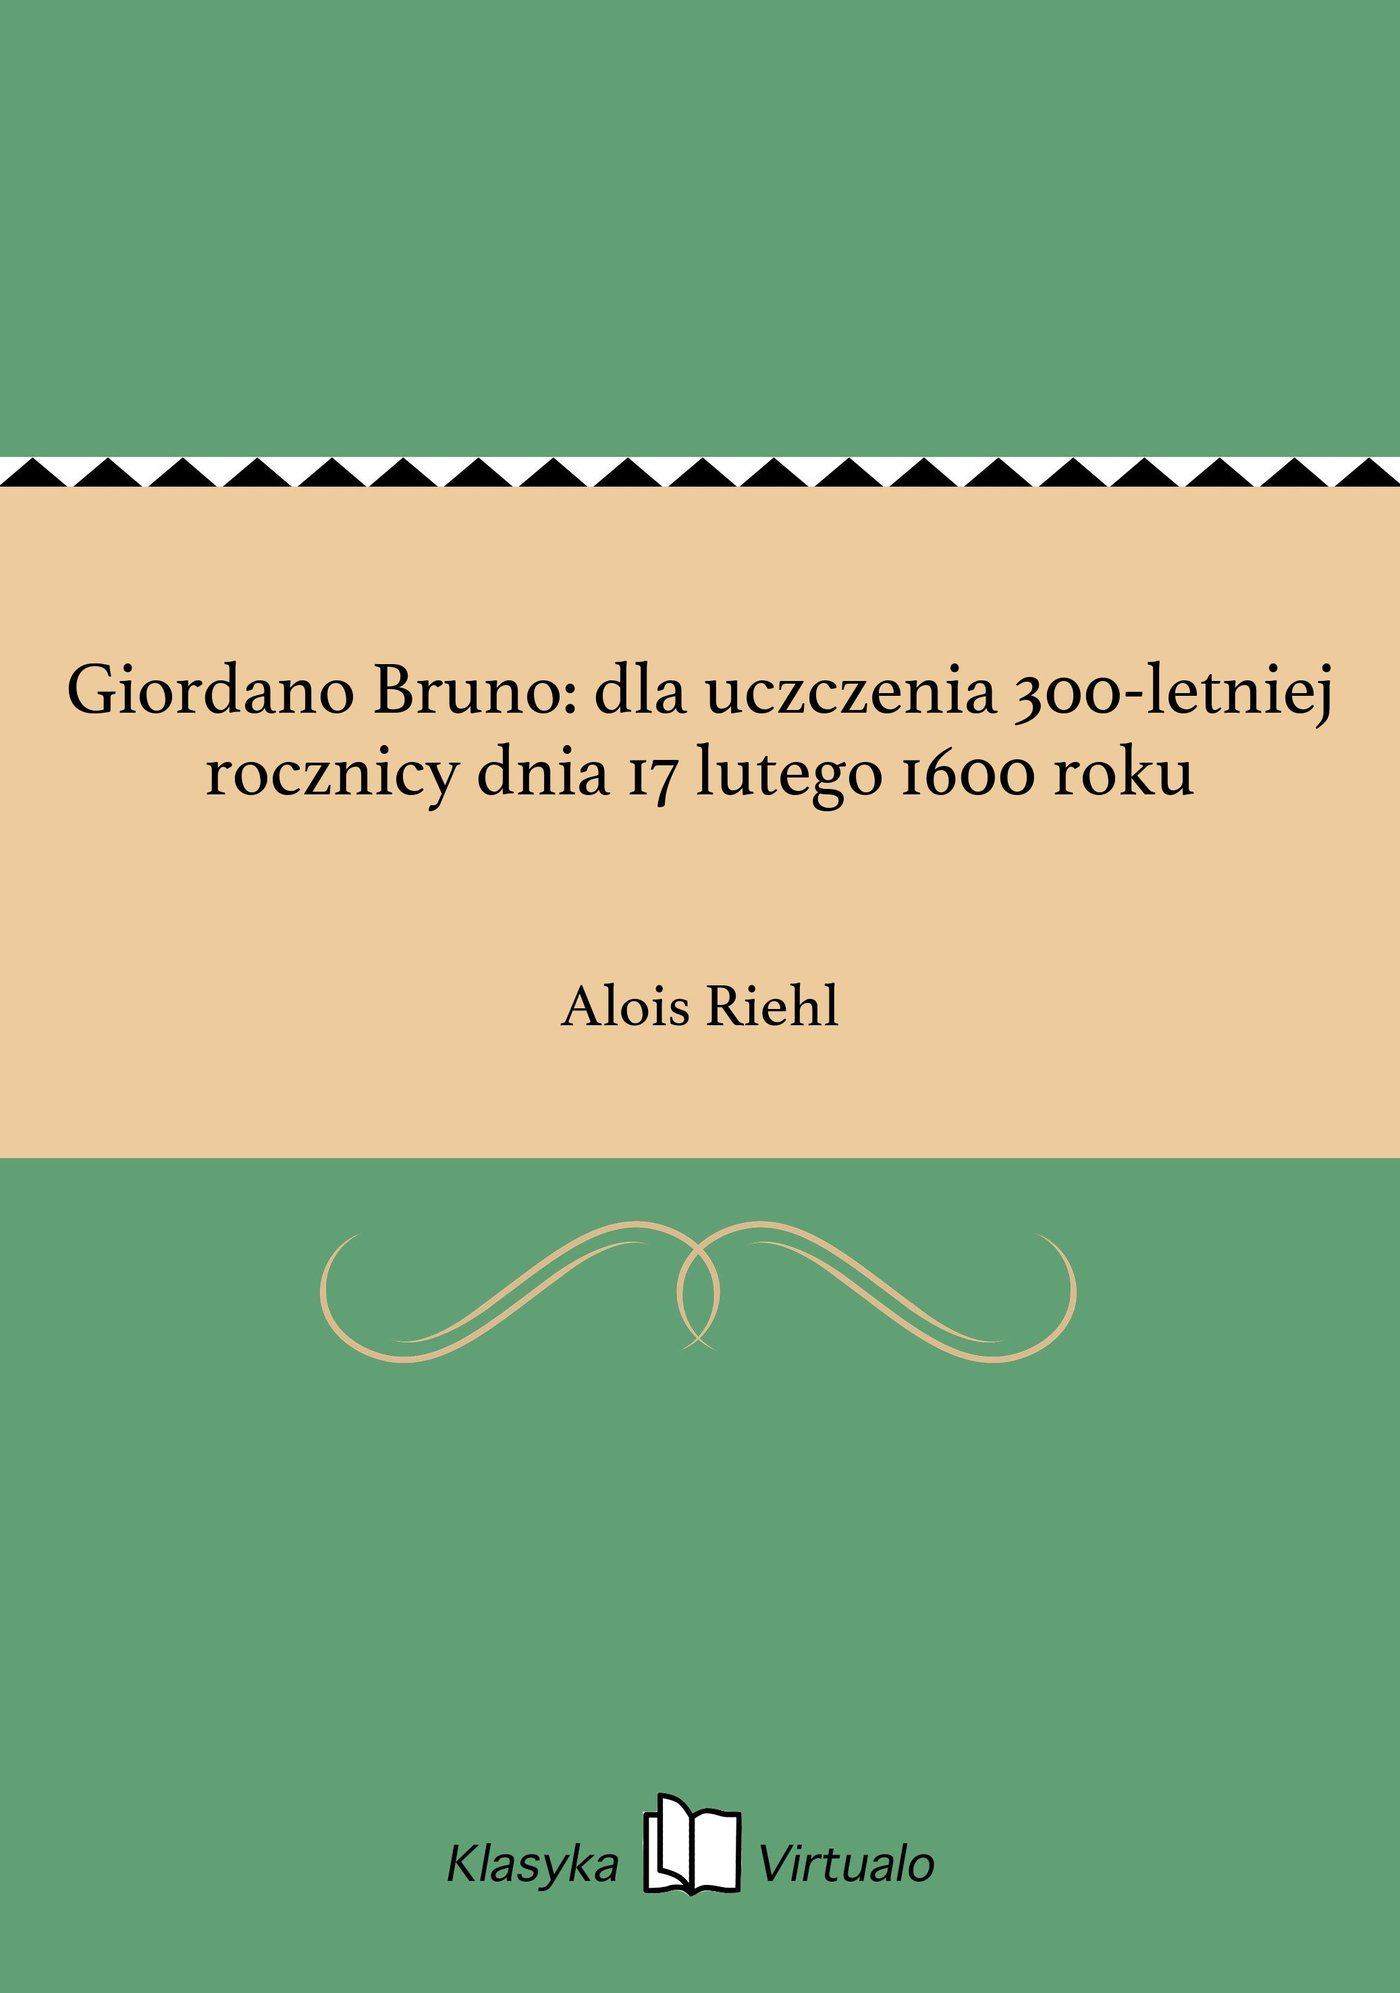 Giordano Bruno: dla uczczenia 300-letniej rocznicy dnia 17 lutego 1600 roku - Ebook (Książka EPUB) do pobrania w formacie EPUB